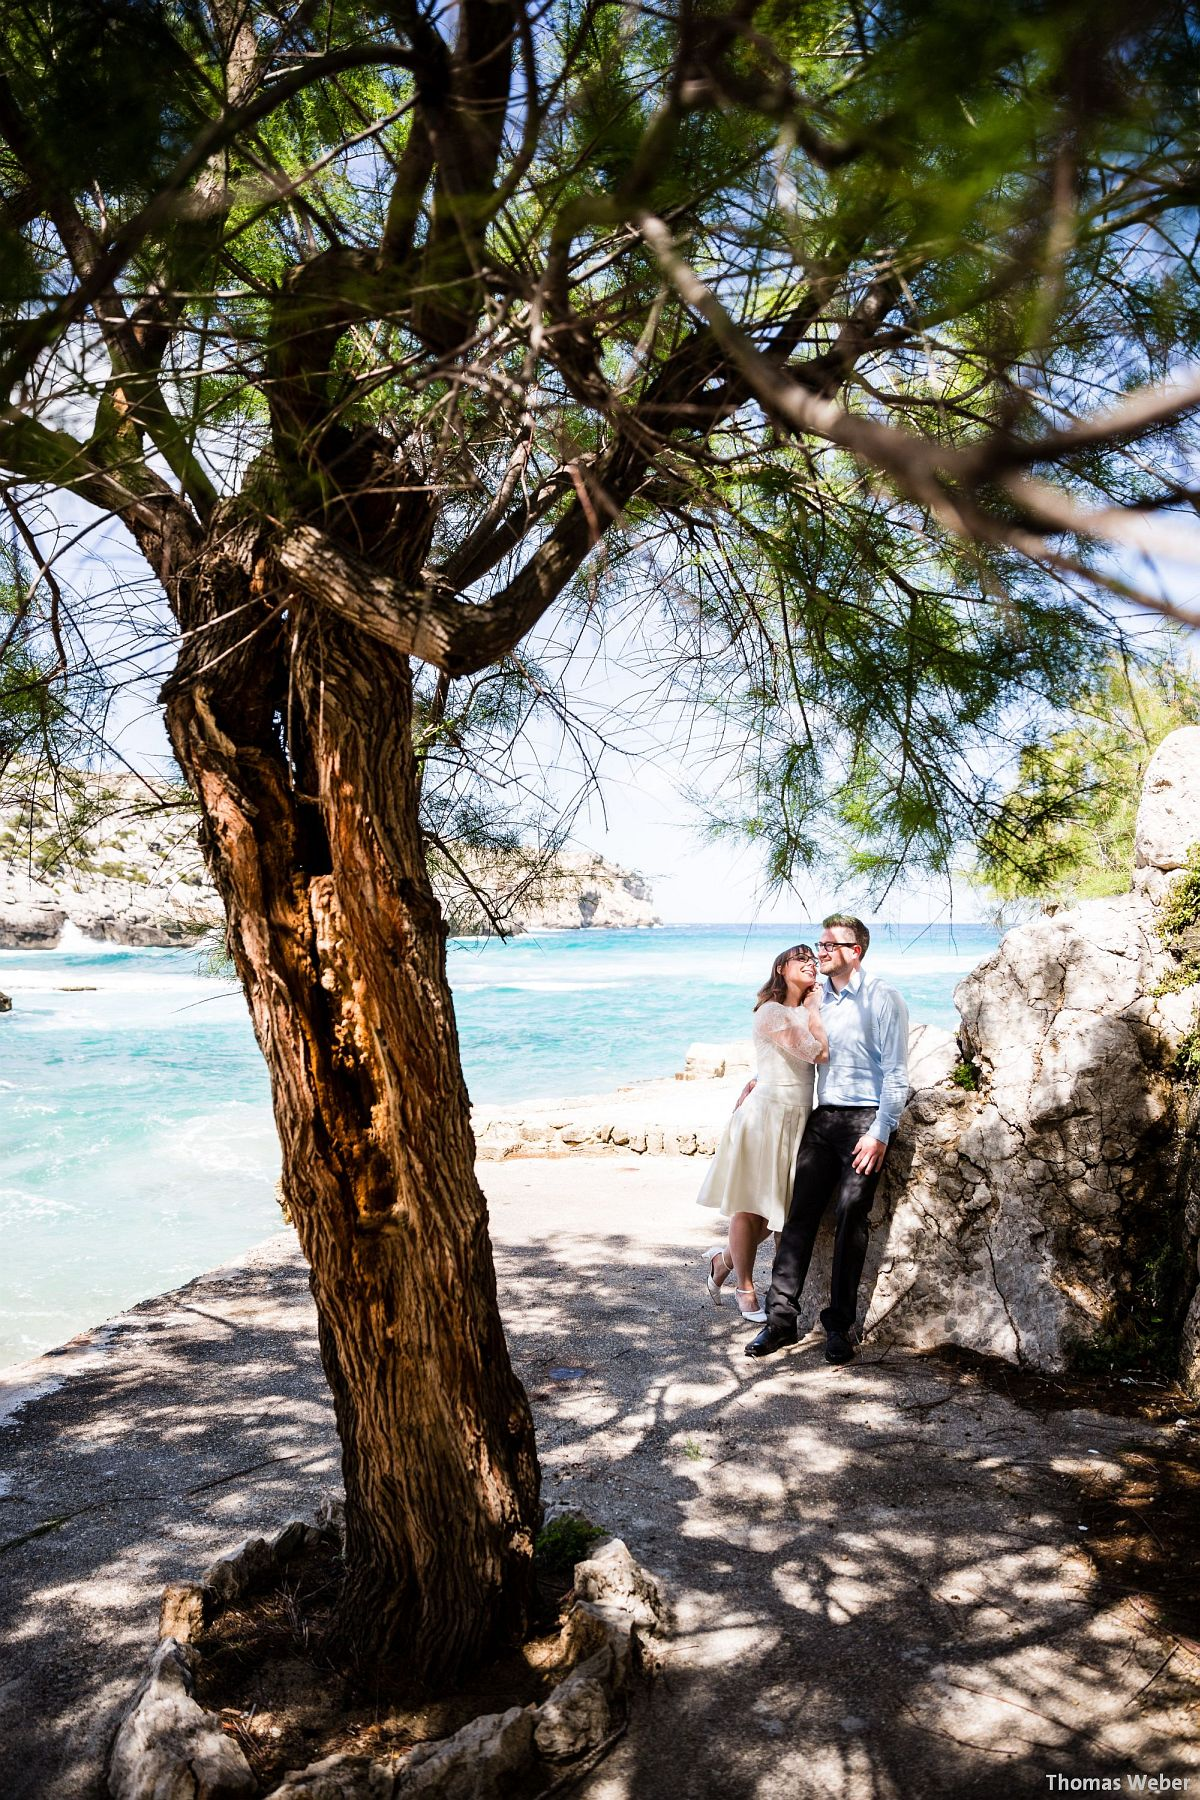 Hochzeitsfotograf Thomas Weber aus Oldenburg: Hochzeitsfotos und Paarfotos auf Mallorca (29)